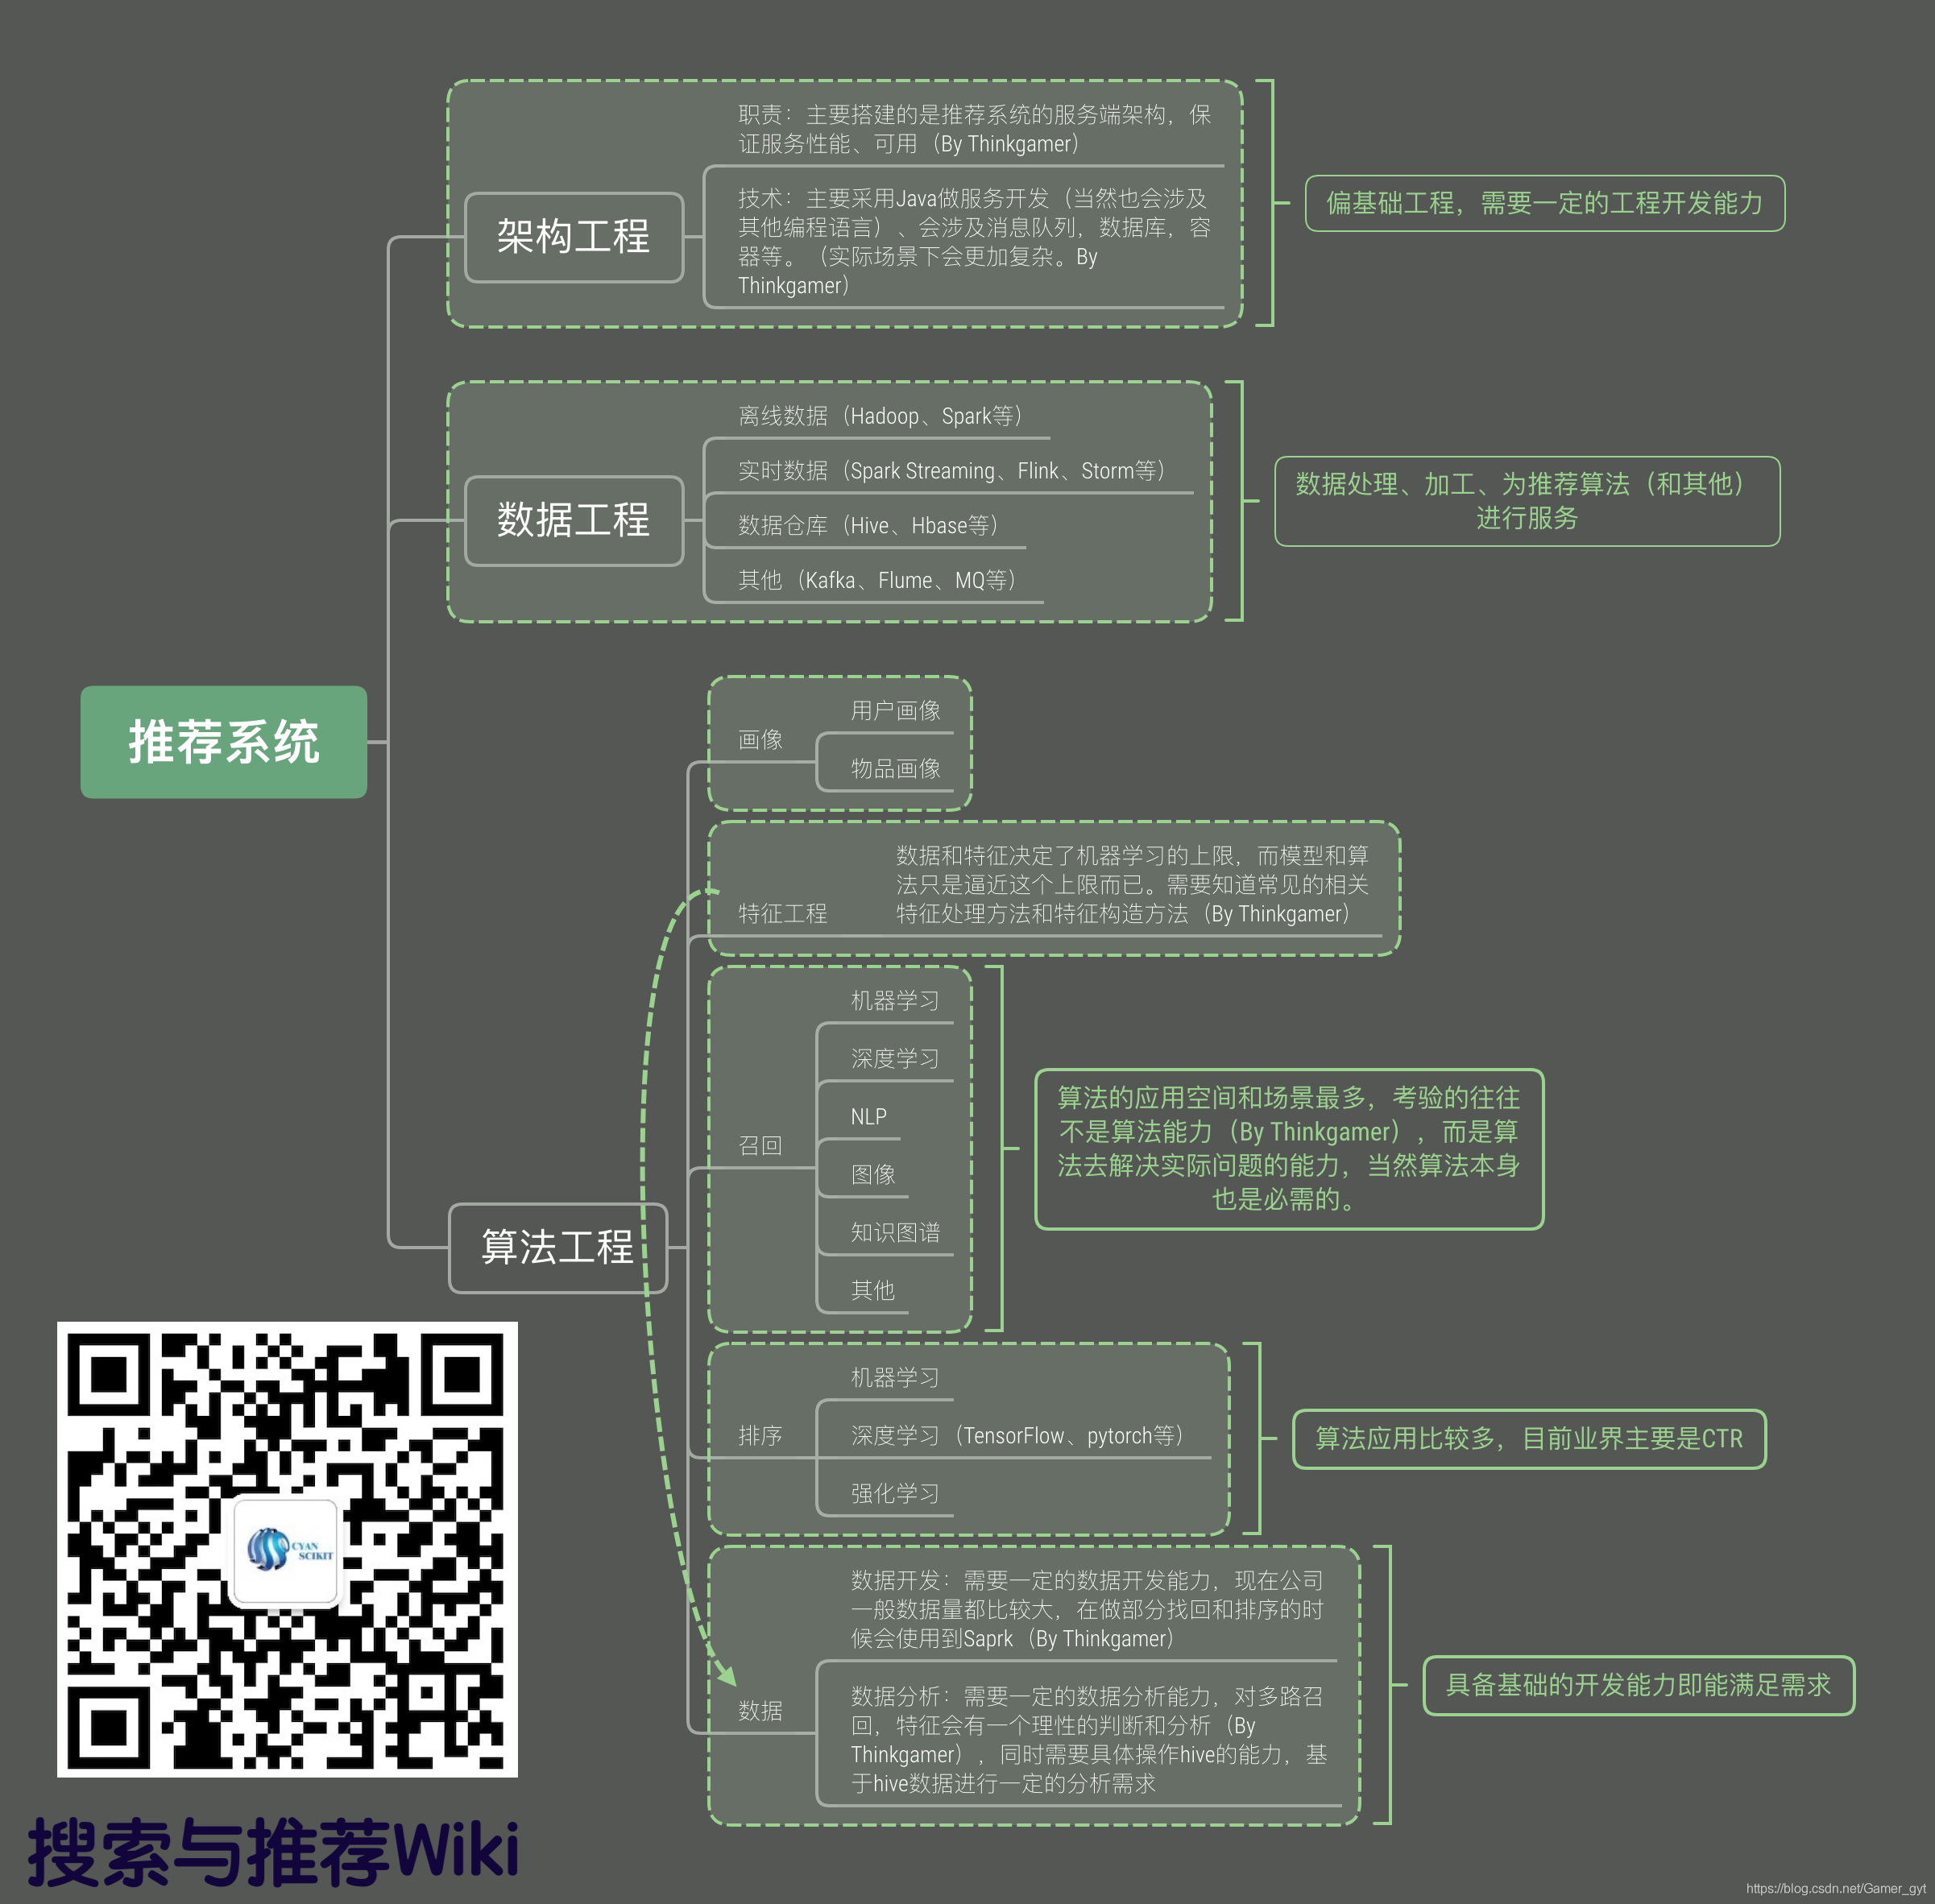 推荐系统的模块分解